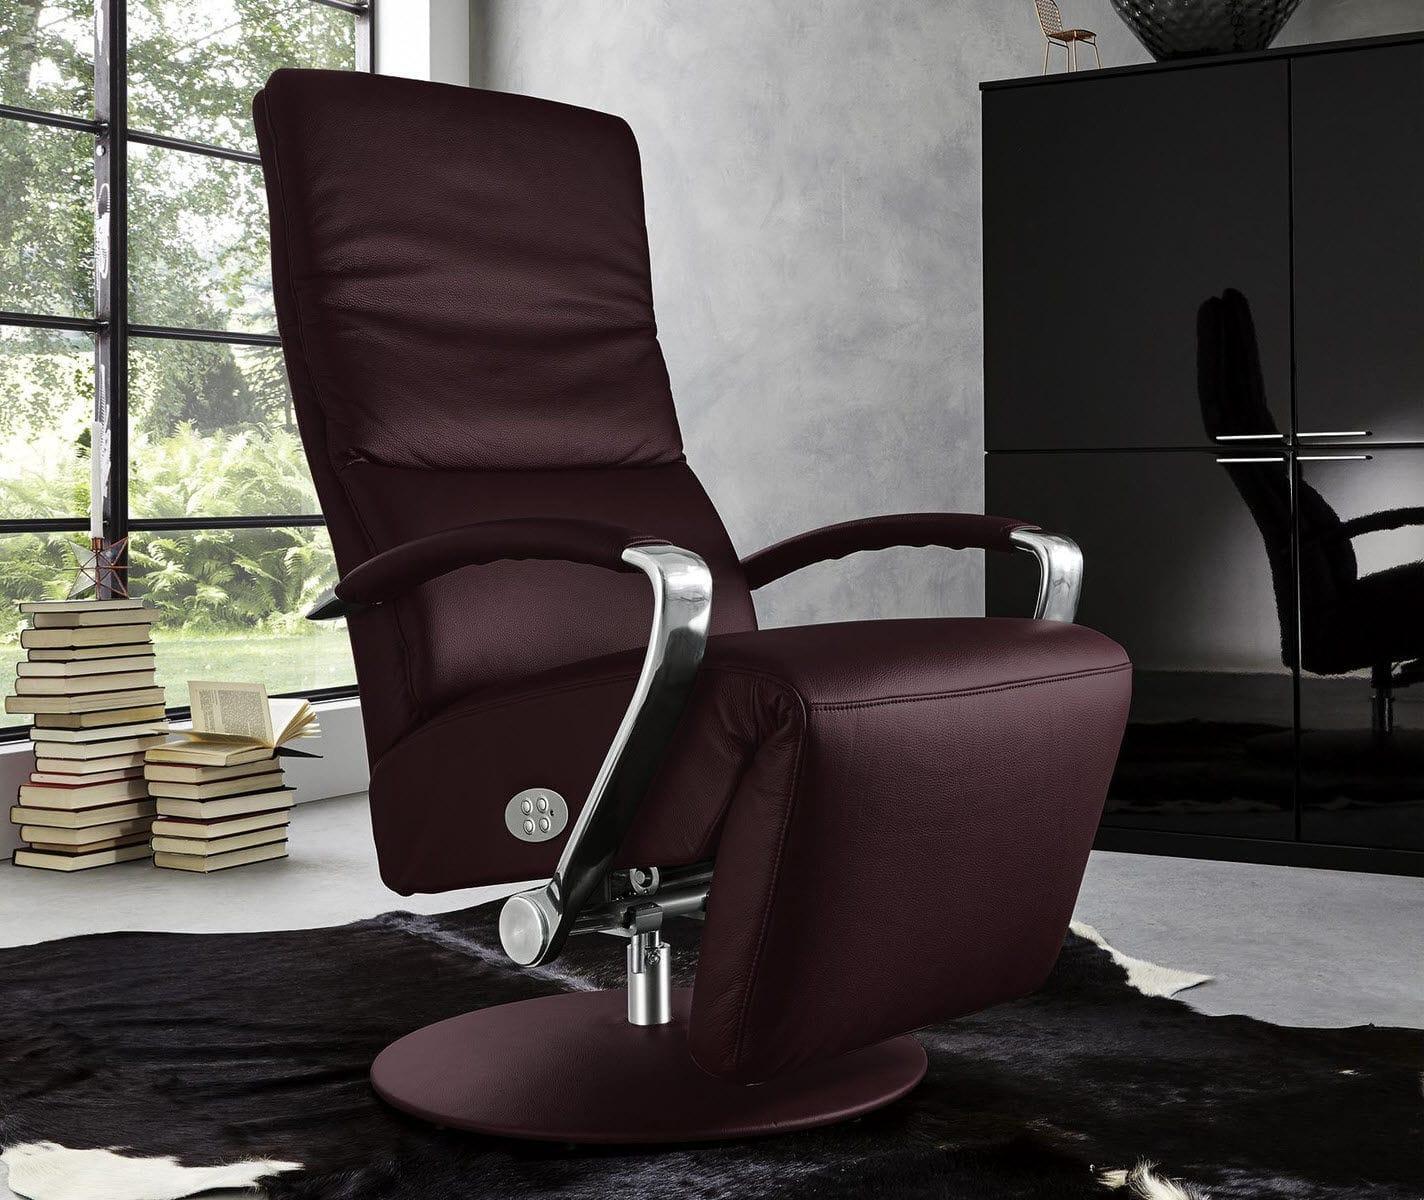 现代风格扶手椅 皮质 回转 中央脚撑 Mr 4625 Musterring